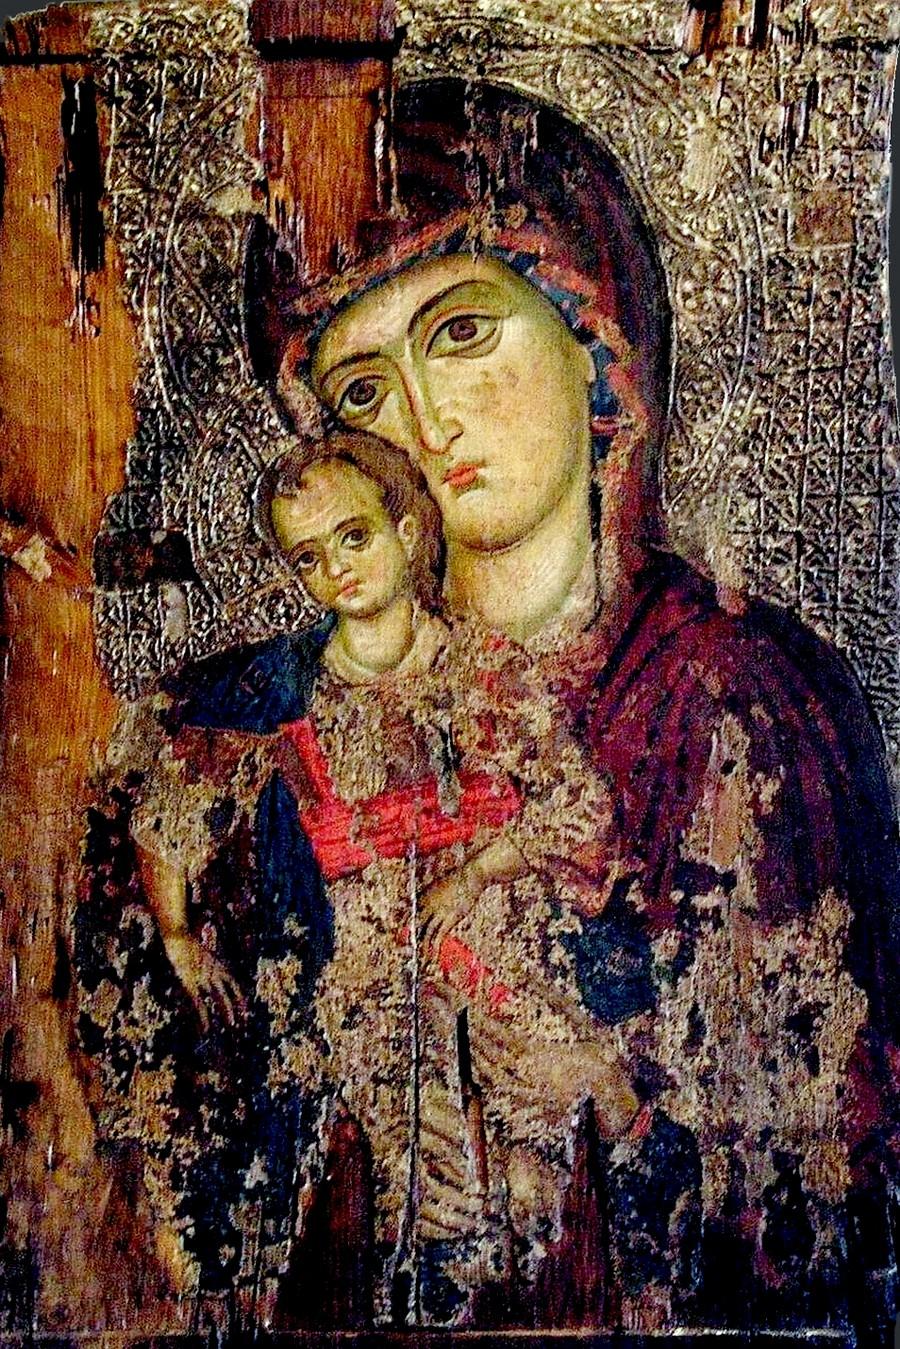 Пресвятая Богородица с Младенцем. Кипрская икона XIV века. Византийский музей Архиепископа Макария III в Никосии.